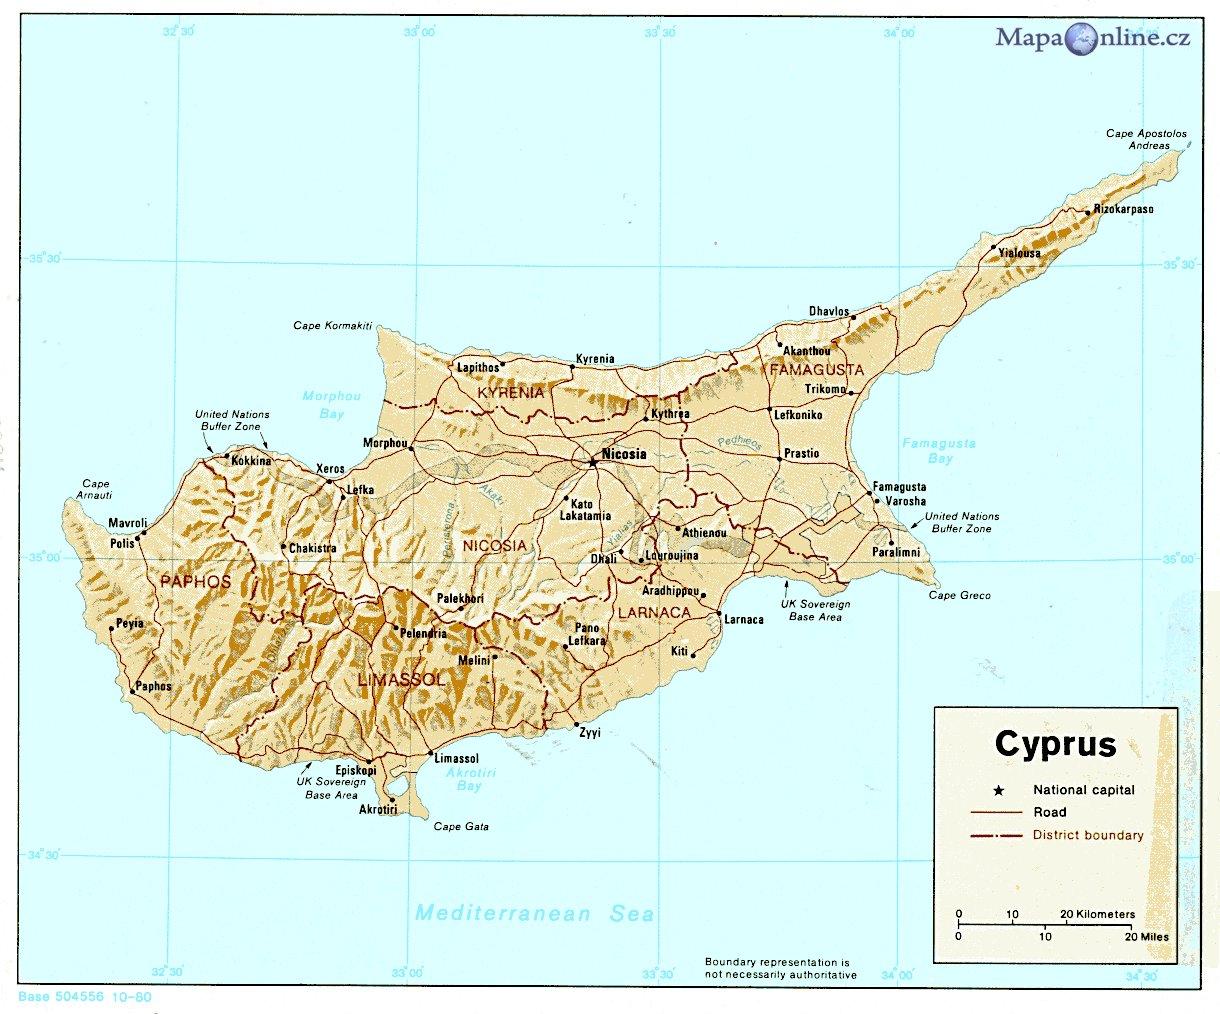 Mapa Kypru Mapaonline Cz